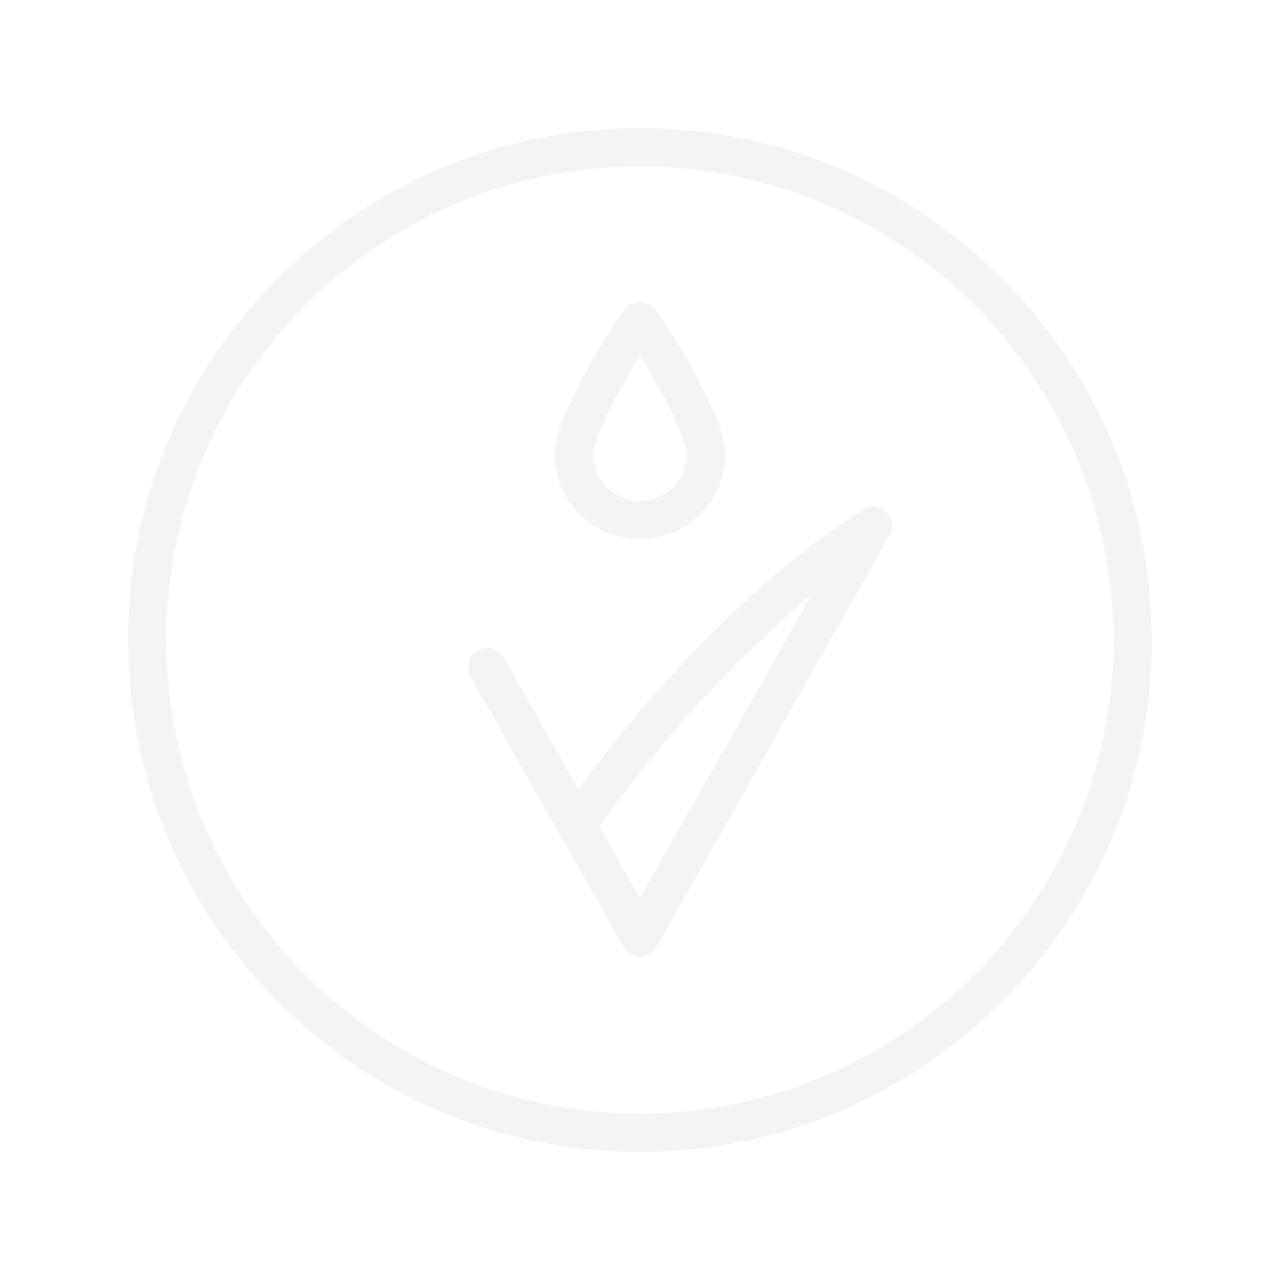 TAHE Botanic Sensitive Shampoo